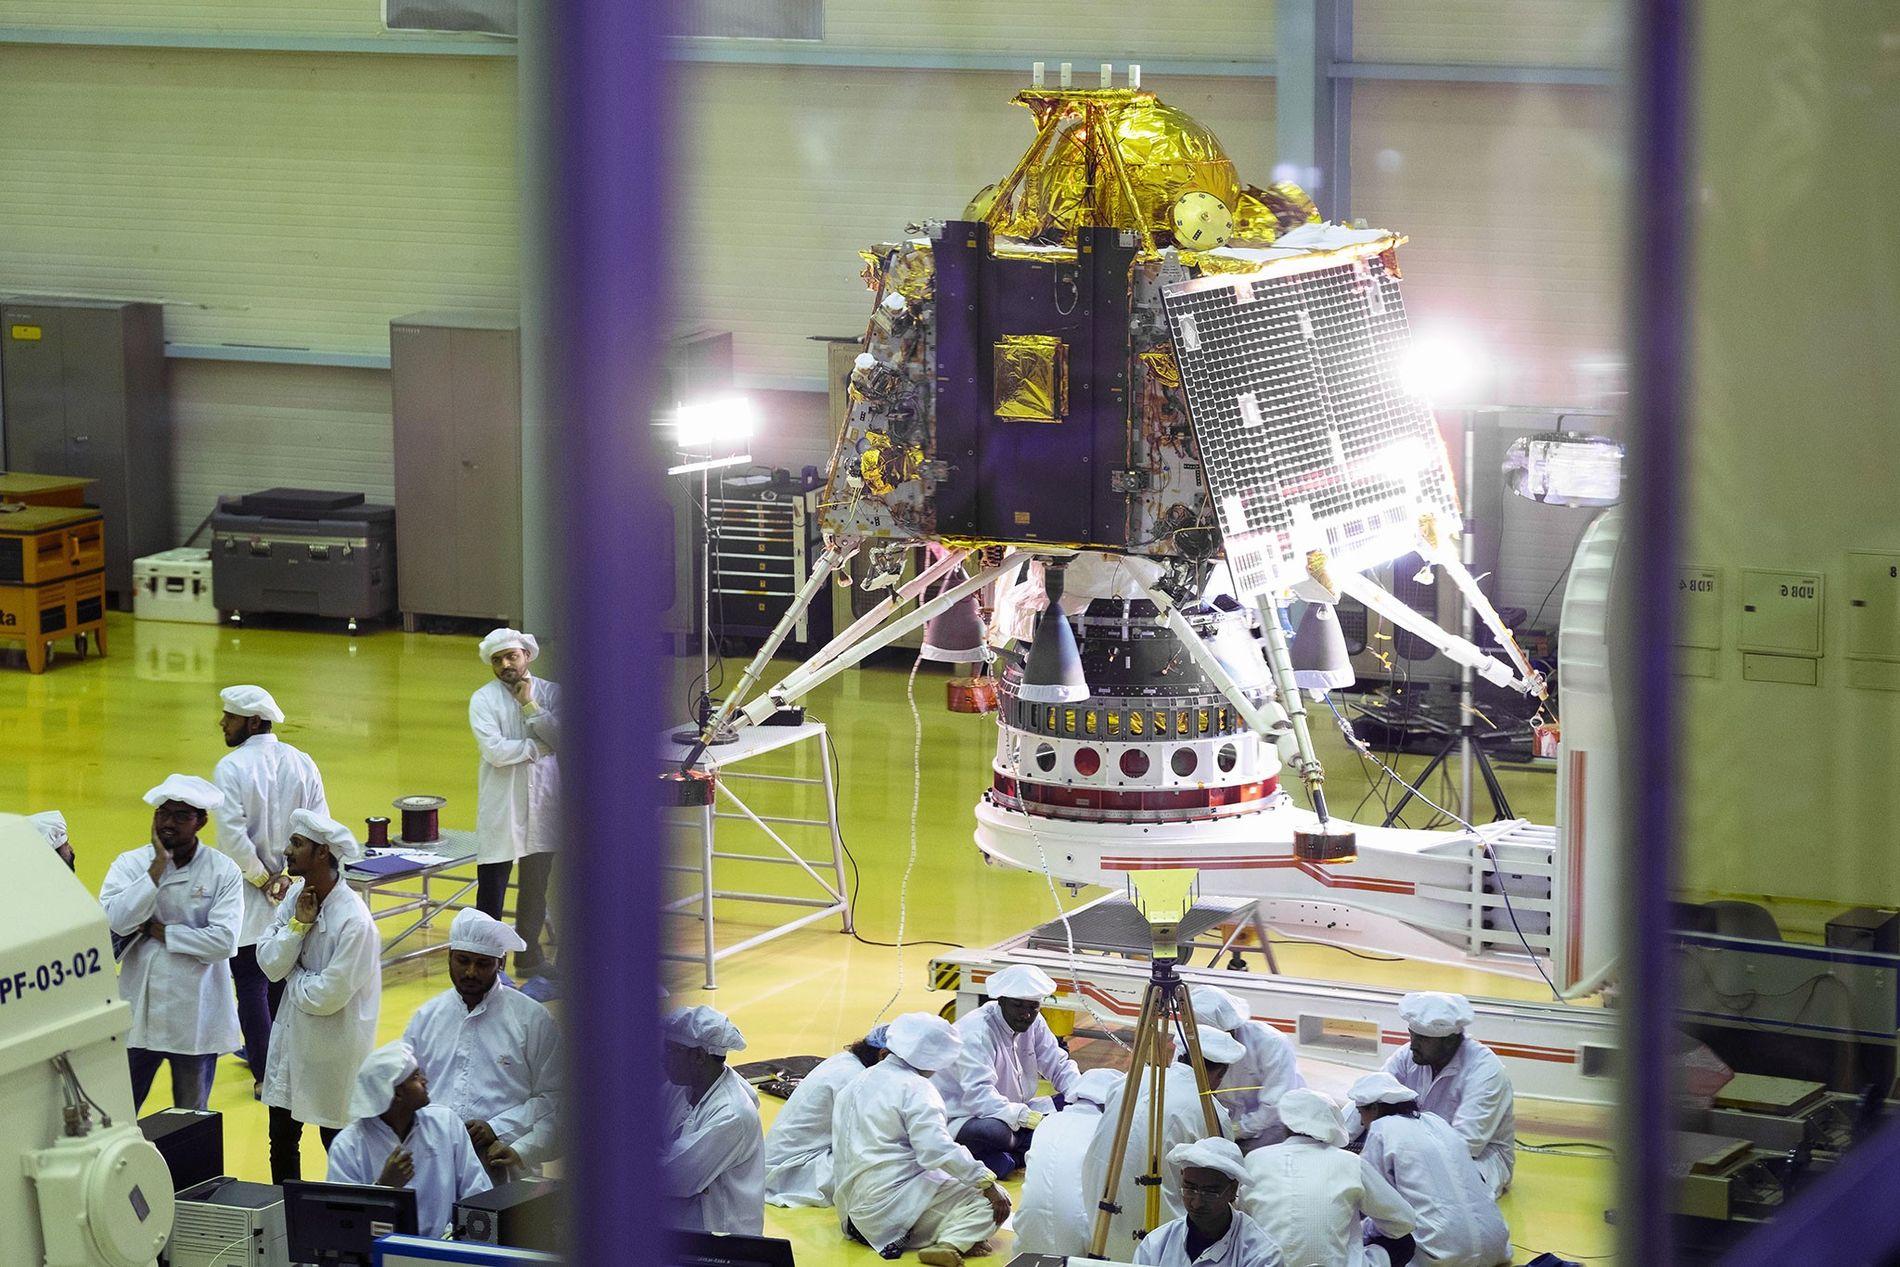 Científicos y empleados observan el Vikram, el módulo de aterrizaje de la Chandrayaan-2, en un centro de pruebas de la sede de la Agencia India de Investigación Espacial, en Bangalore. Tras conseguir lanzar la Chandrayaan-2, India espera convertirse en el cuarto país que logre un alunizaje suave.